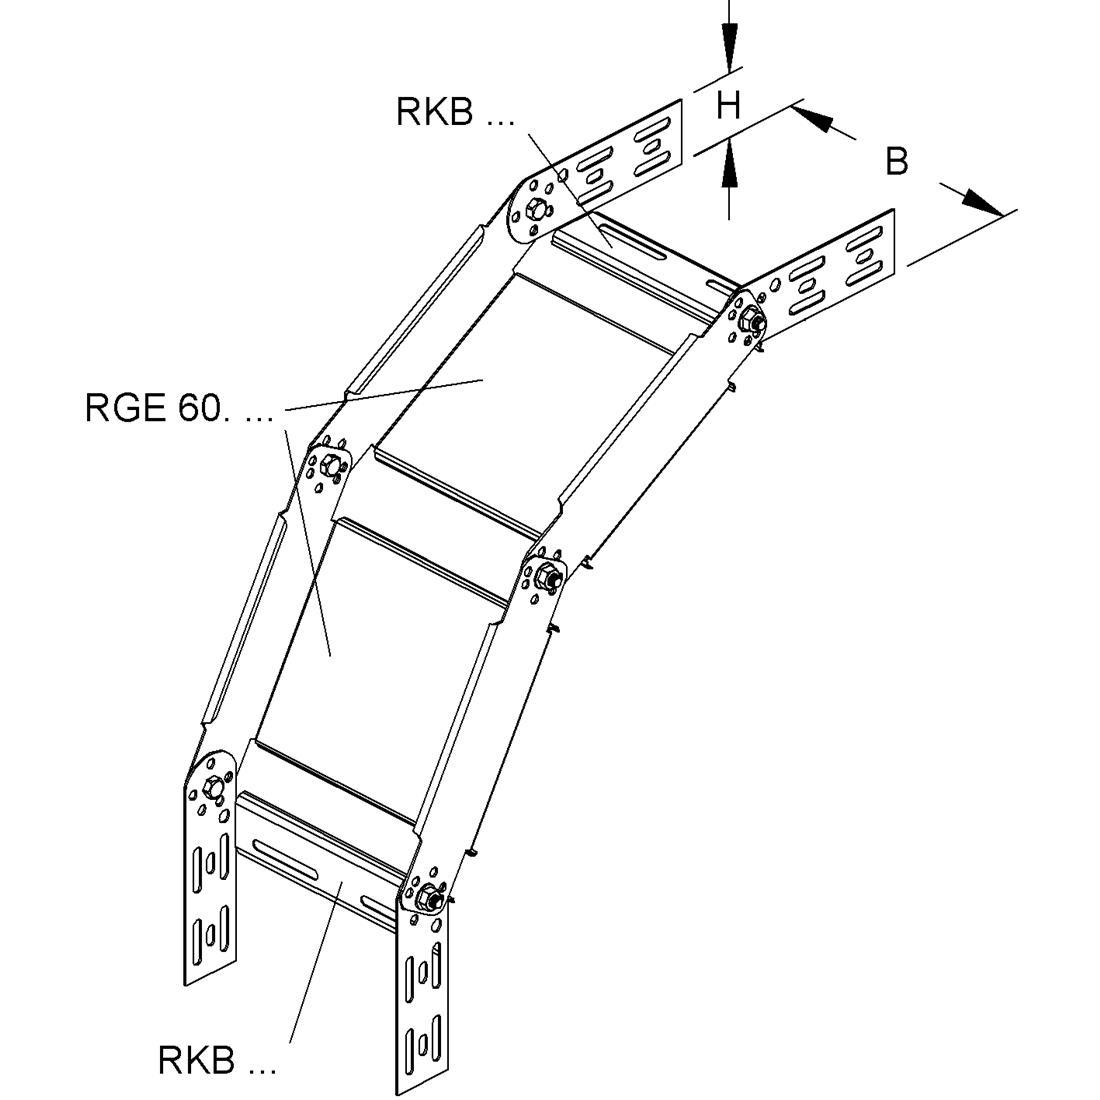 Niedax kabelgoot stijg/vervalstuk 60x300mm (161213)